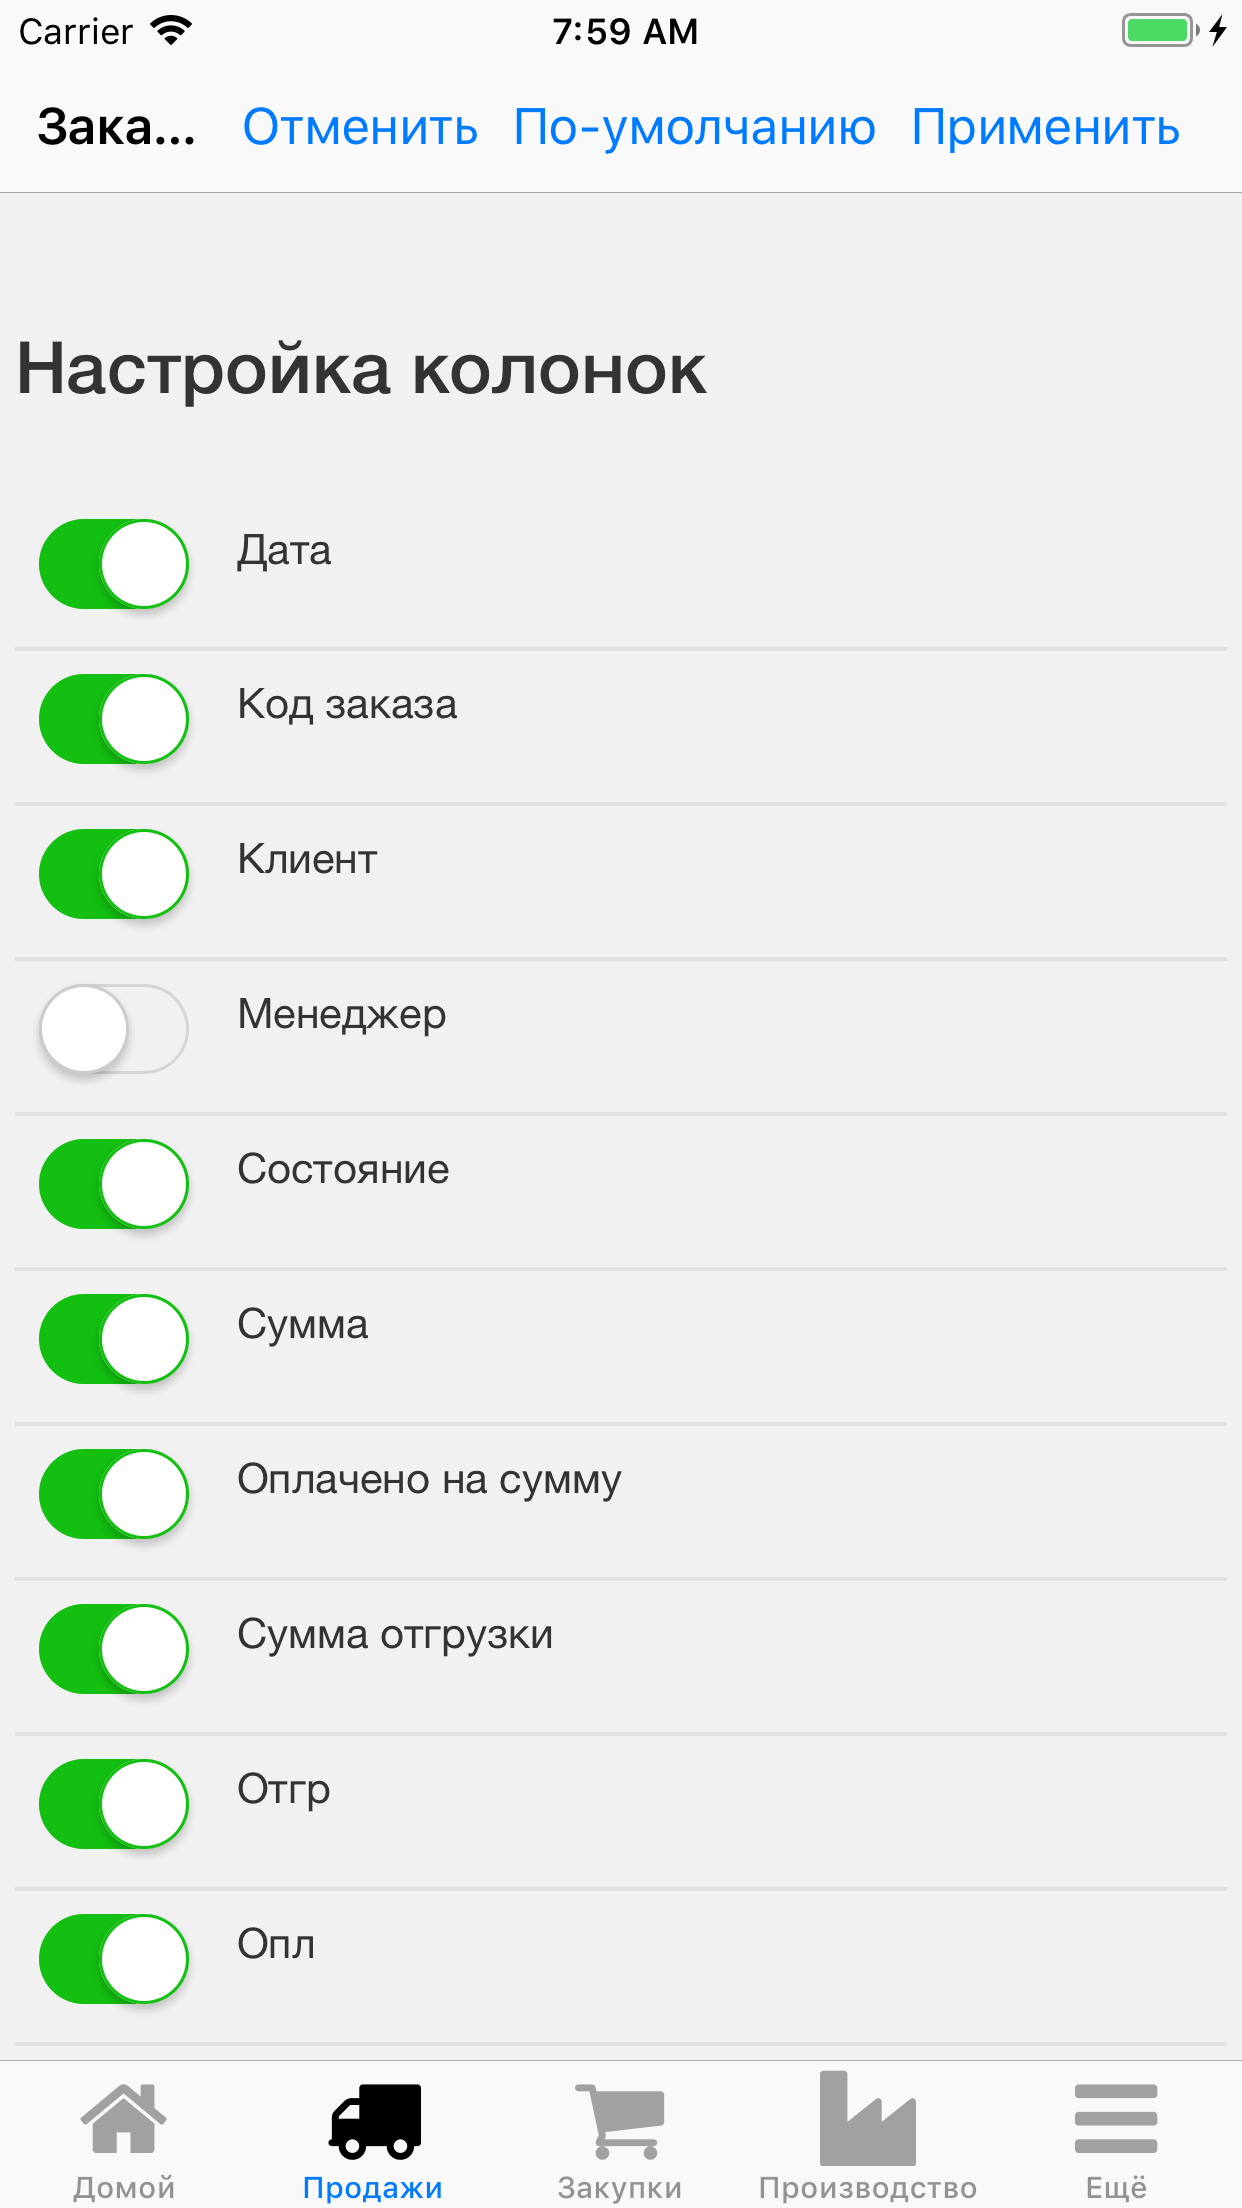 Нано предприятие. Настройка колонок списка